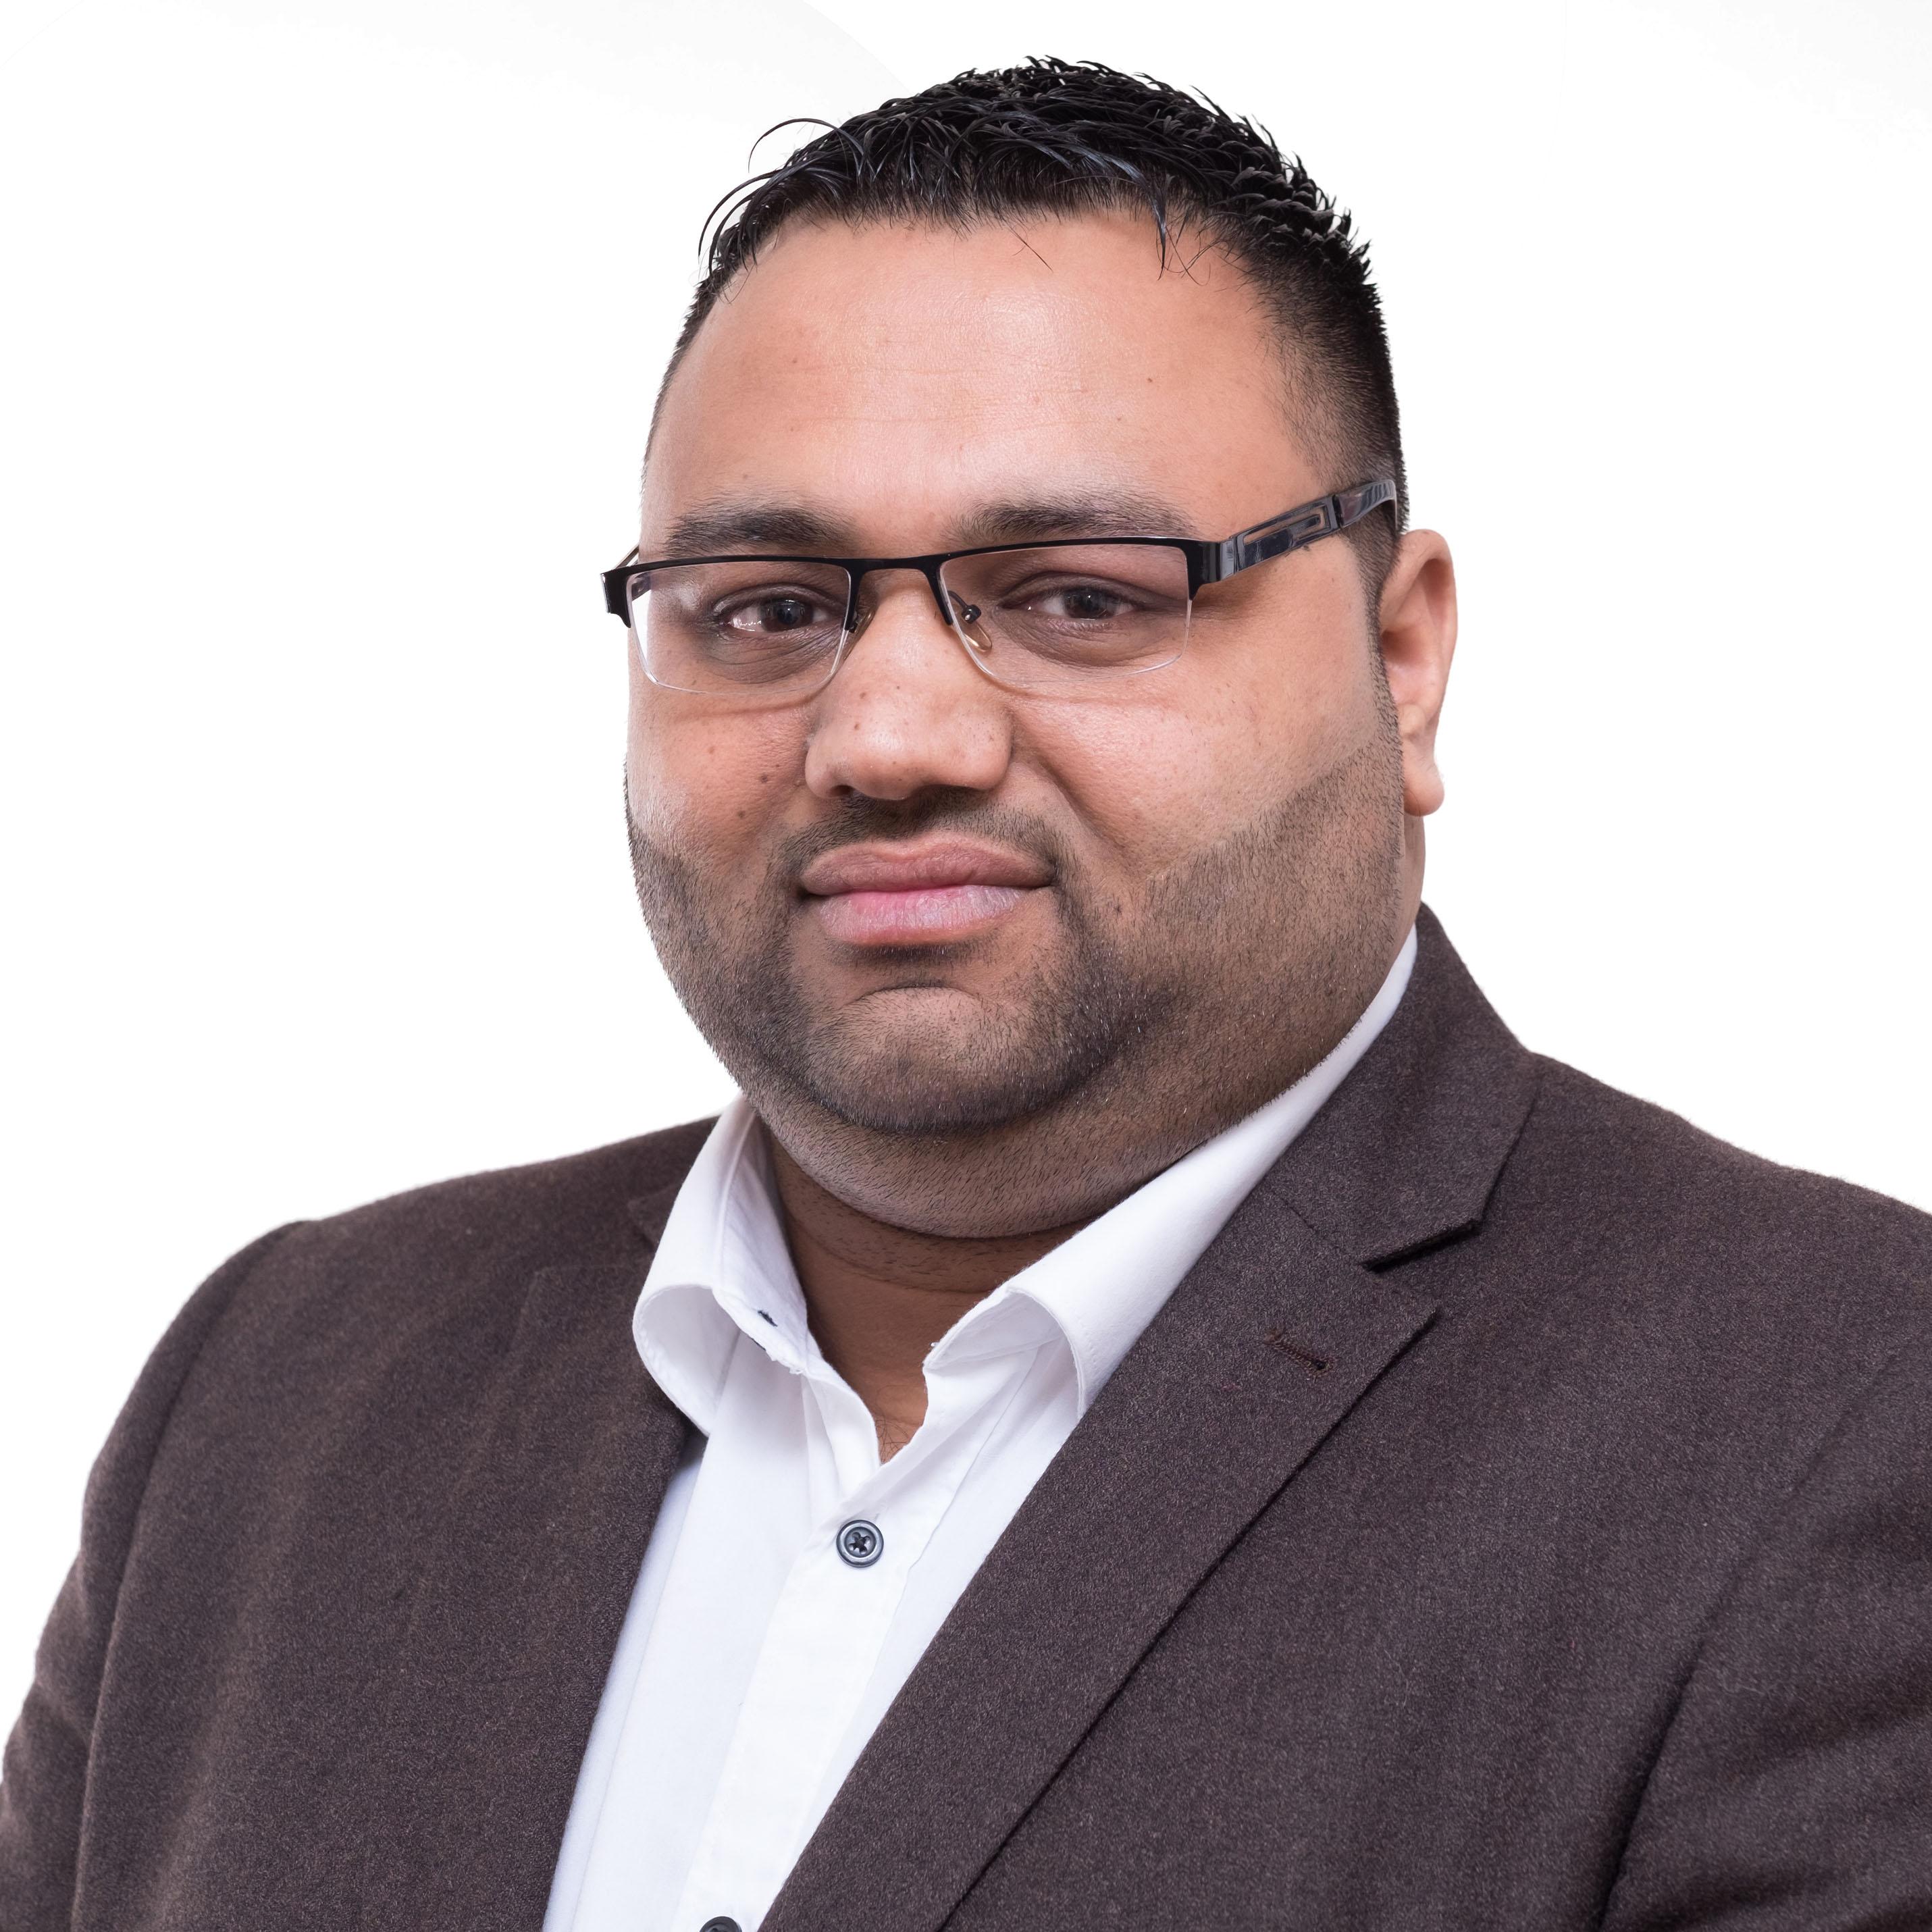 Shamraiz Hussain